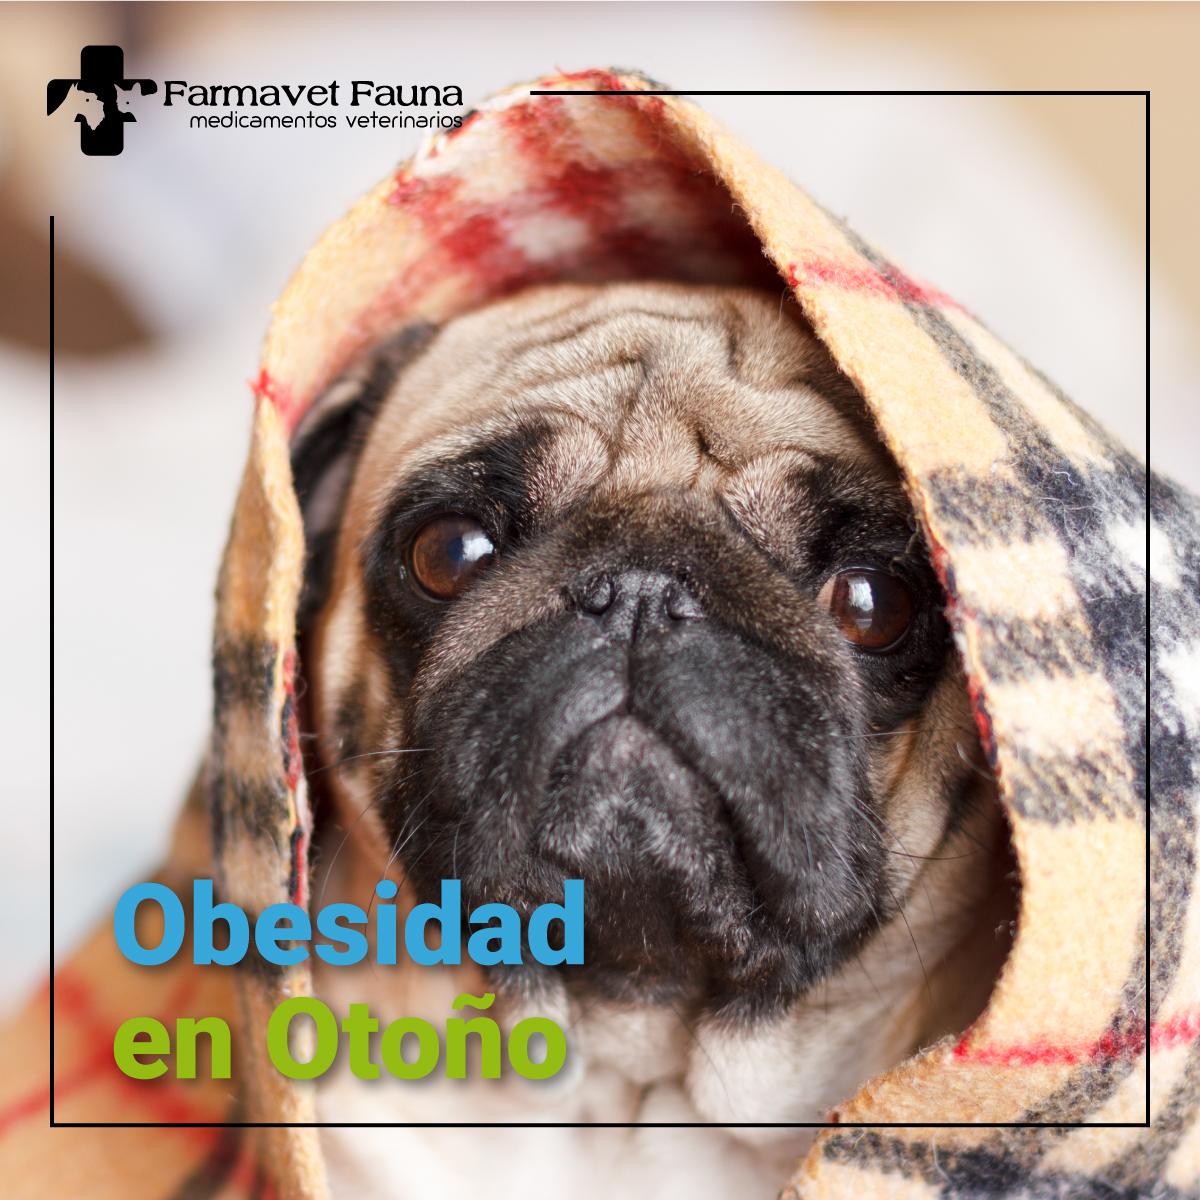 obesidad canina otono